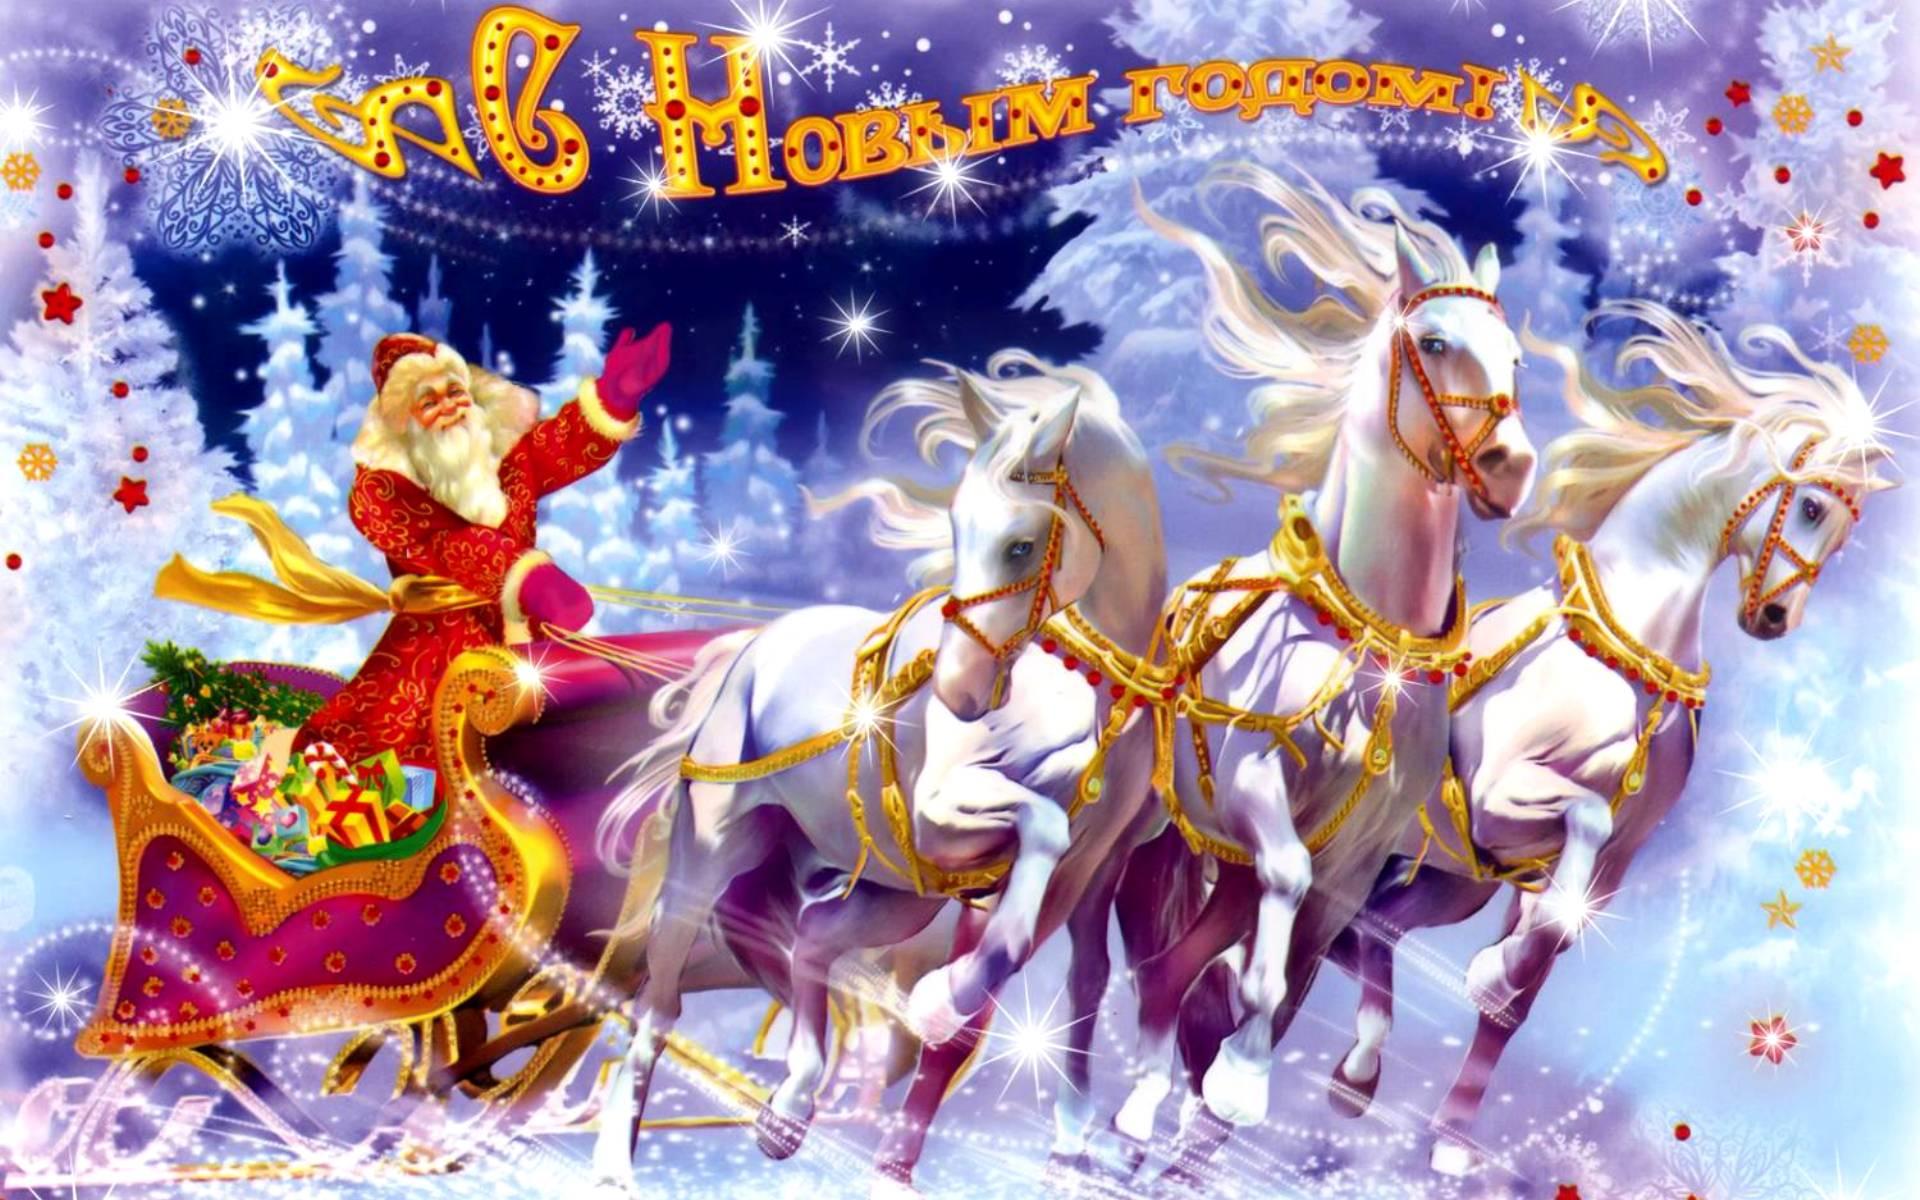 Тройка белых коней и дед Мороз с подарками - C наступающим новым годом 2017 поздравительные картинки